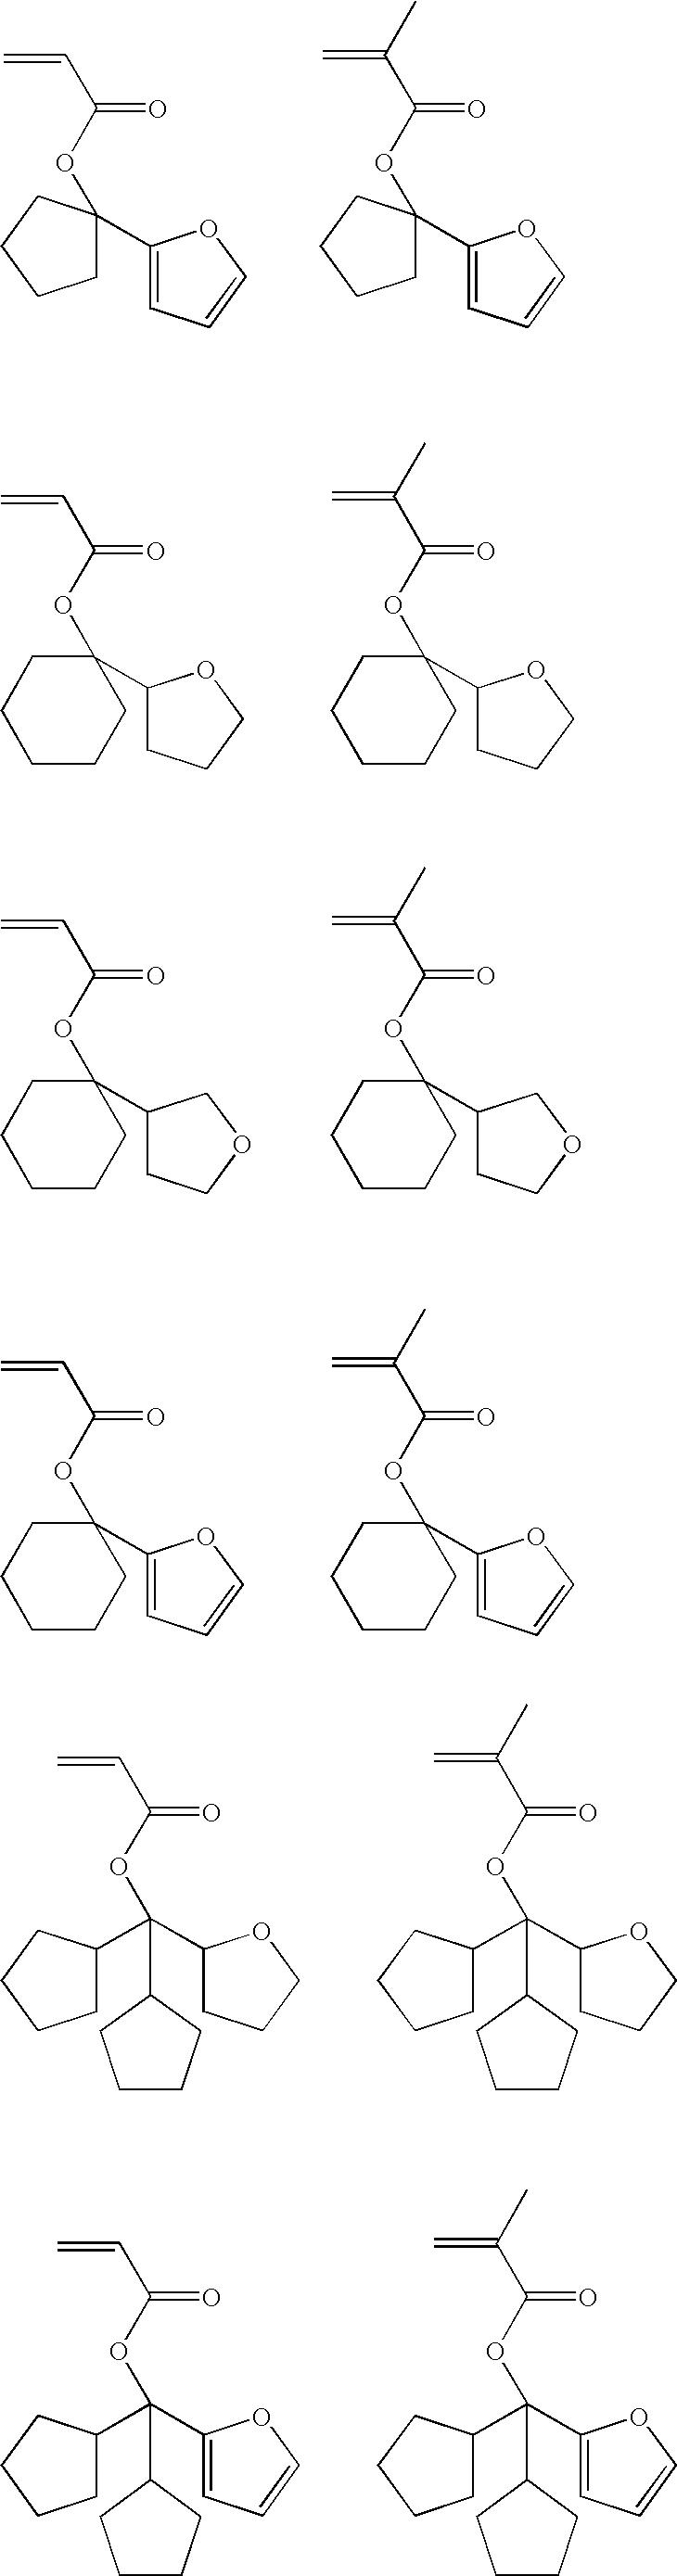 Figure US08129086-20120306-C00058